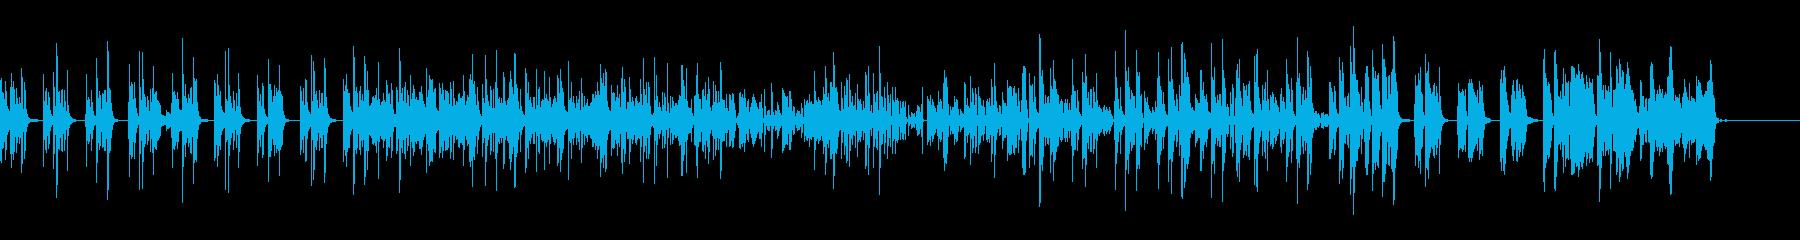 シロフォンのミニマル感とブレ=グリッチの再生済みの波形